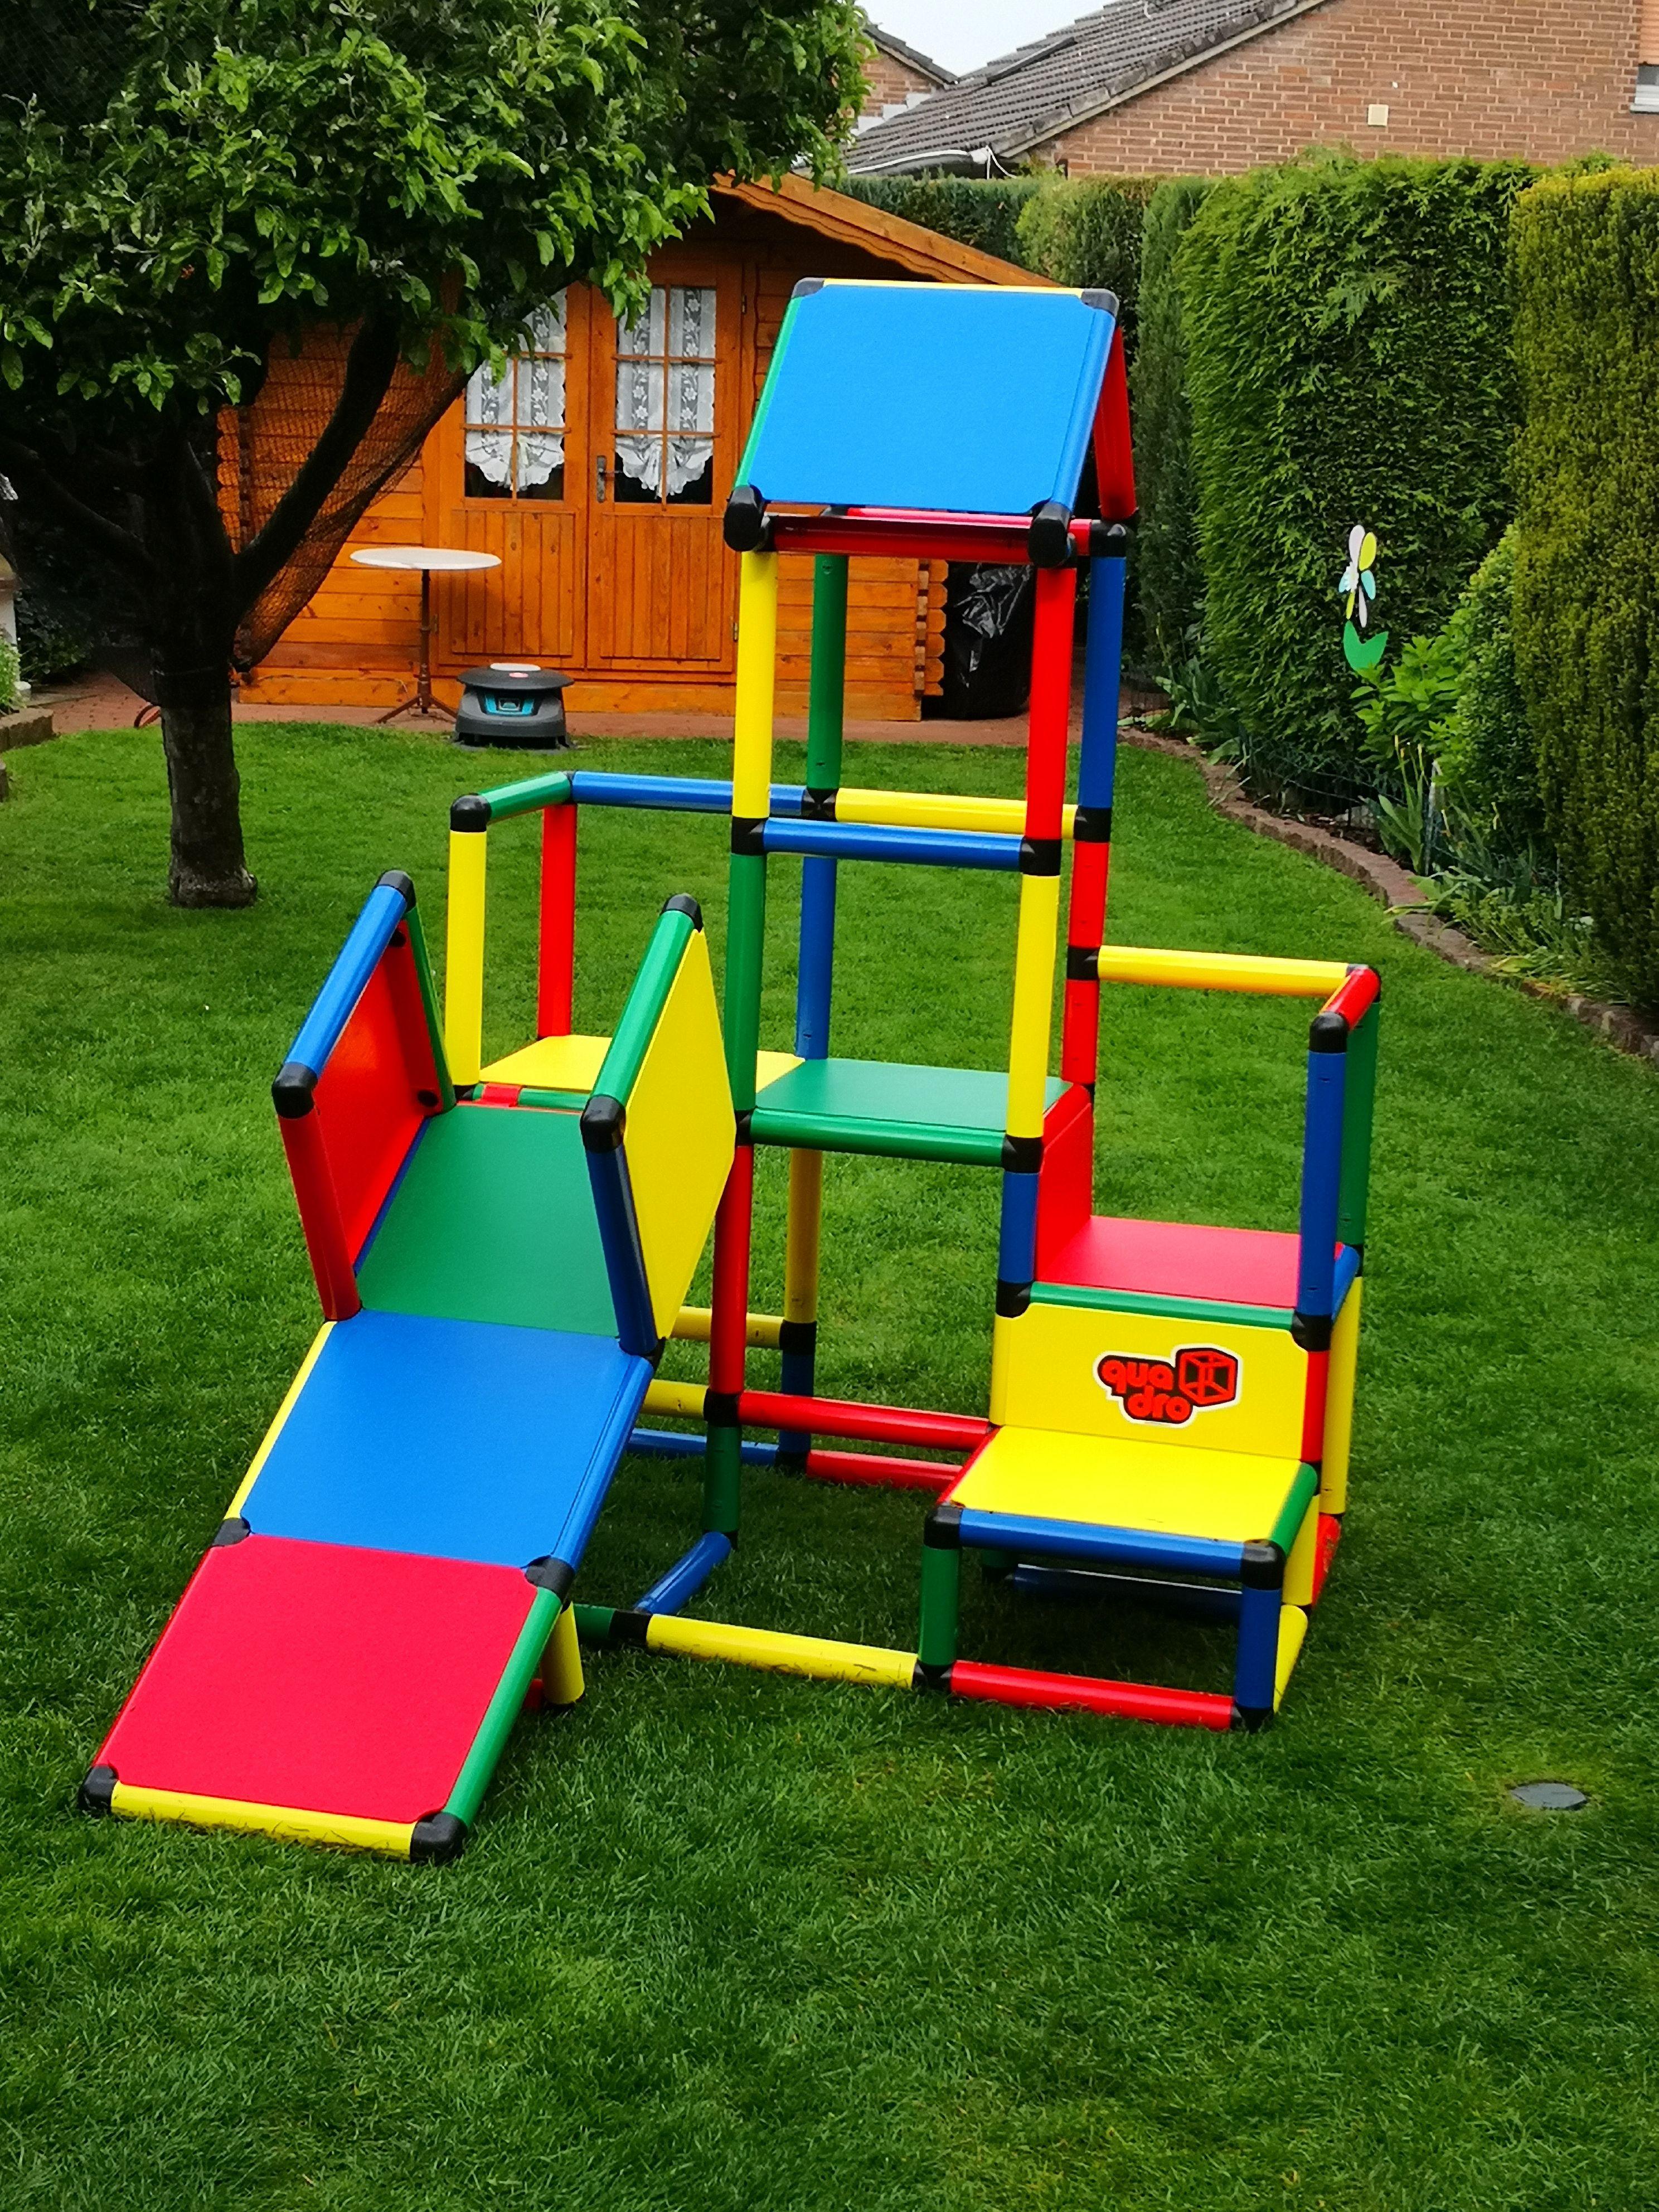 Die Neue Lieblingsbeschaftigung Unserer Drei Kinder Ist Der Quadro Spielturm Diesen Haben Wir Aus Dem Klettergeru Quadro Klettergerust Klettern Baby Erziehung